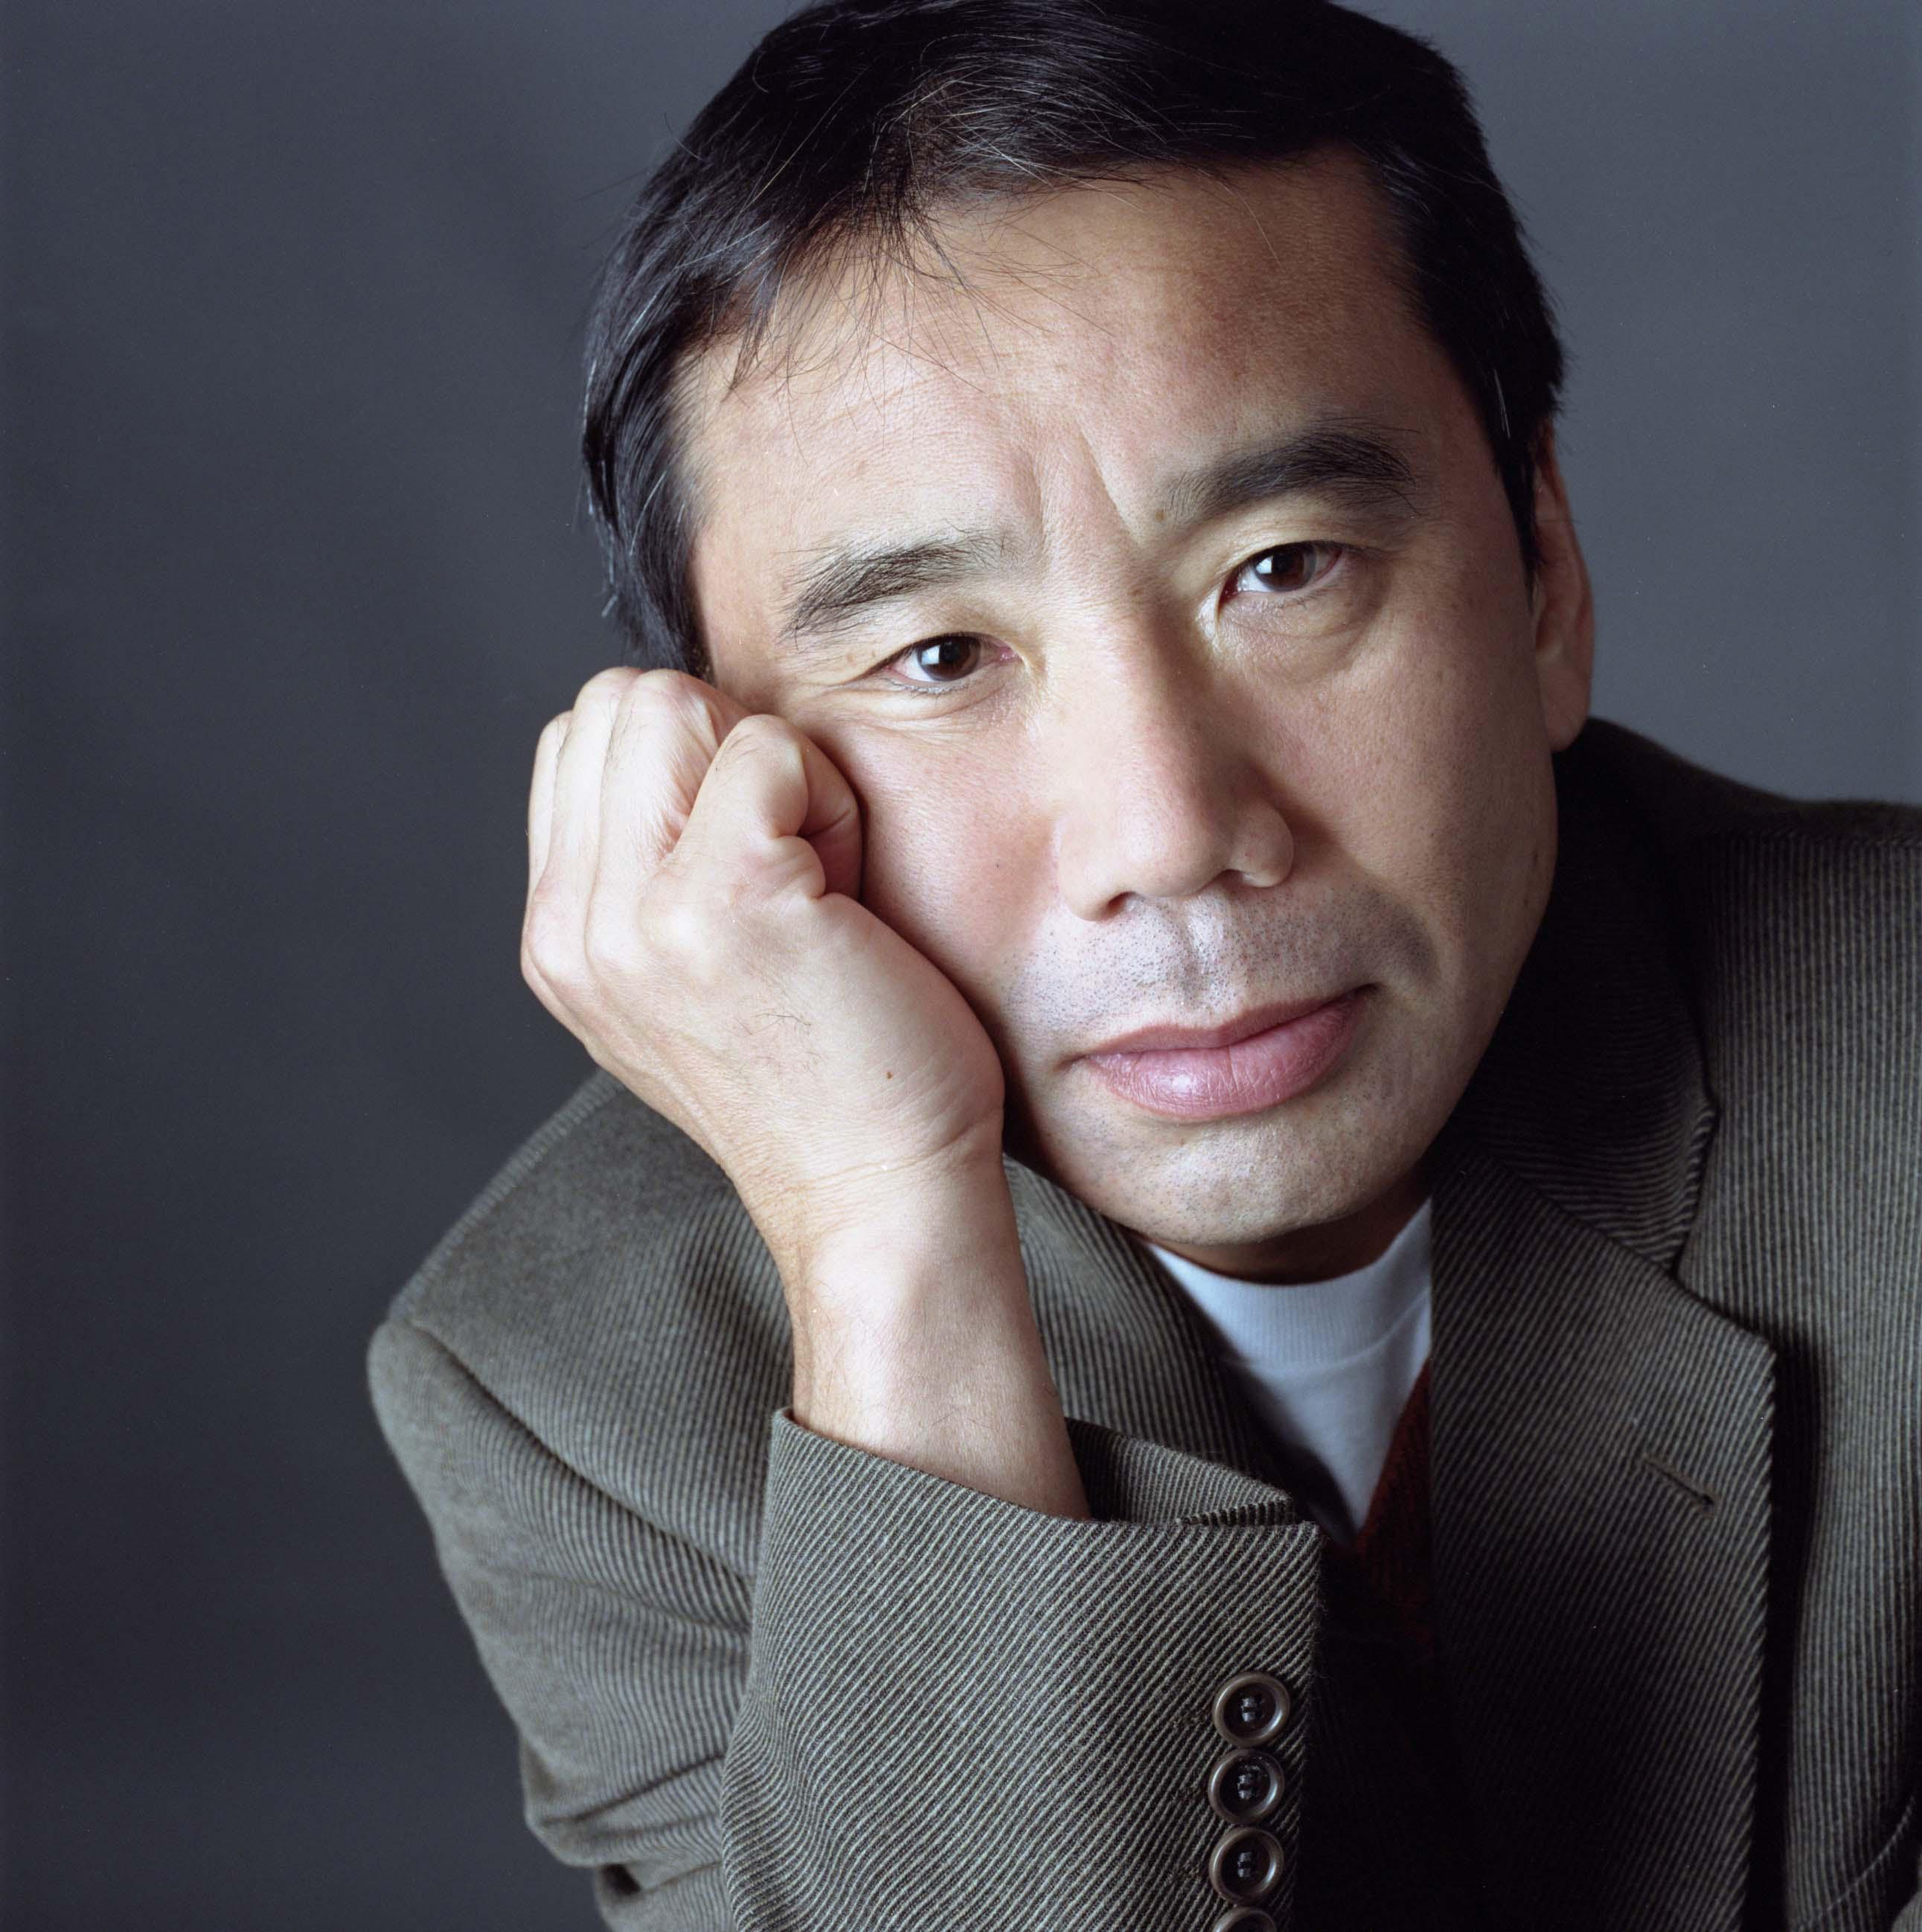 Haruki Murakami: narratore di storie normali dominate dalla Τύχη che trascende l'uomo